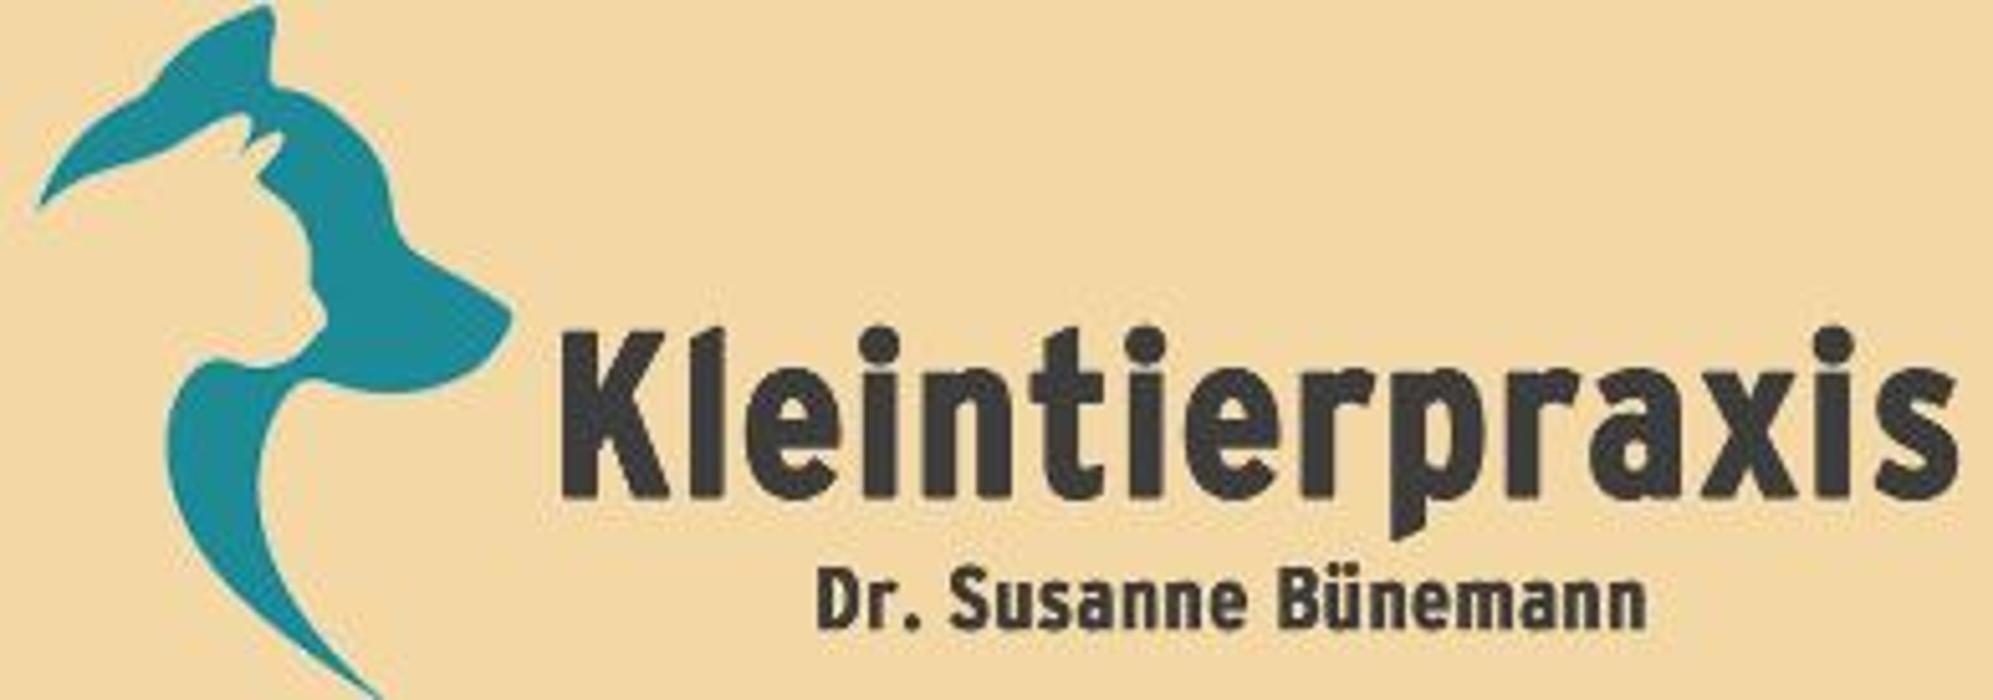 Bild zu Kleintierpraxis Dr. Susanne Bünemann in Wetzlar